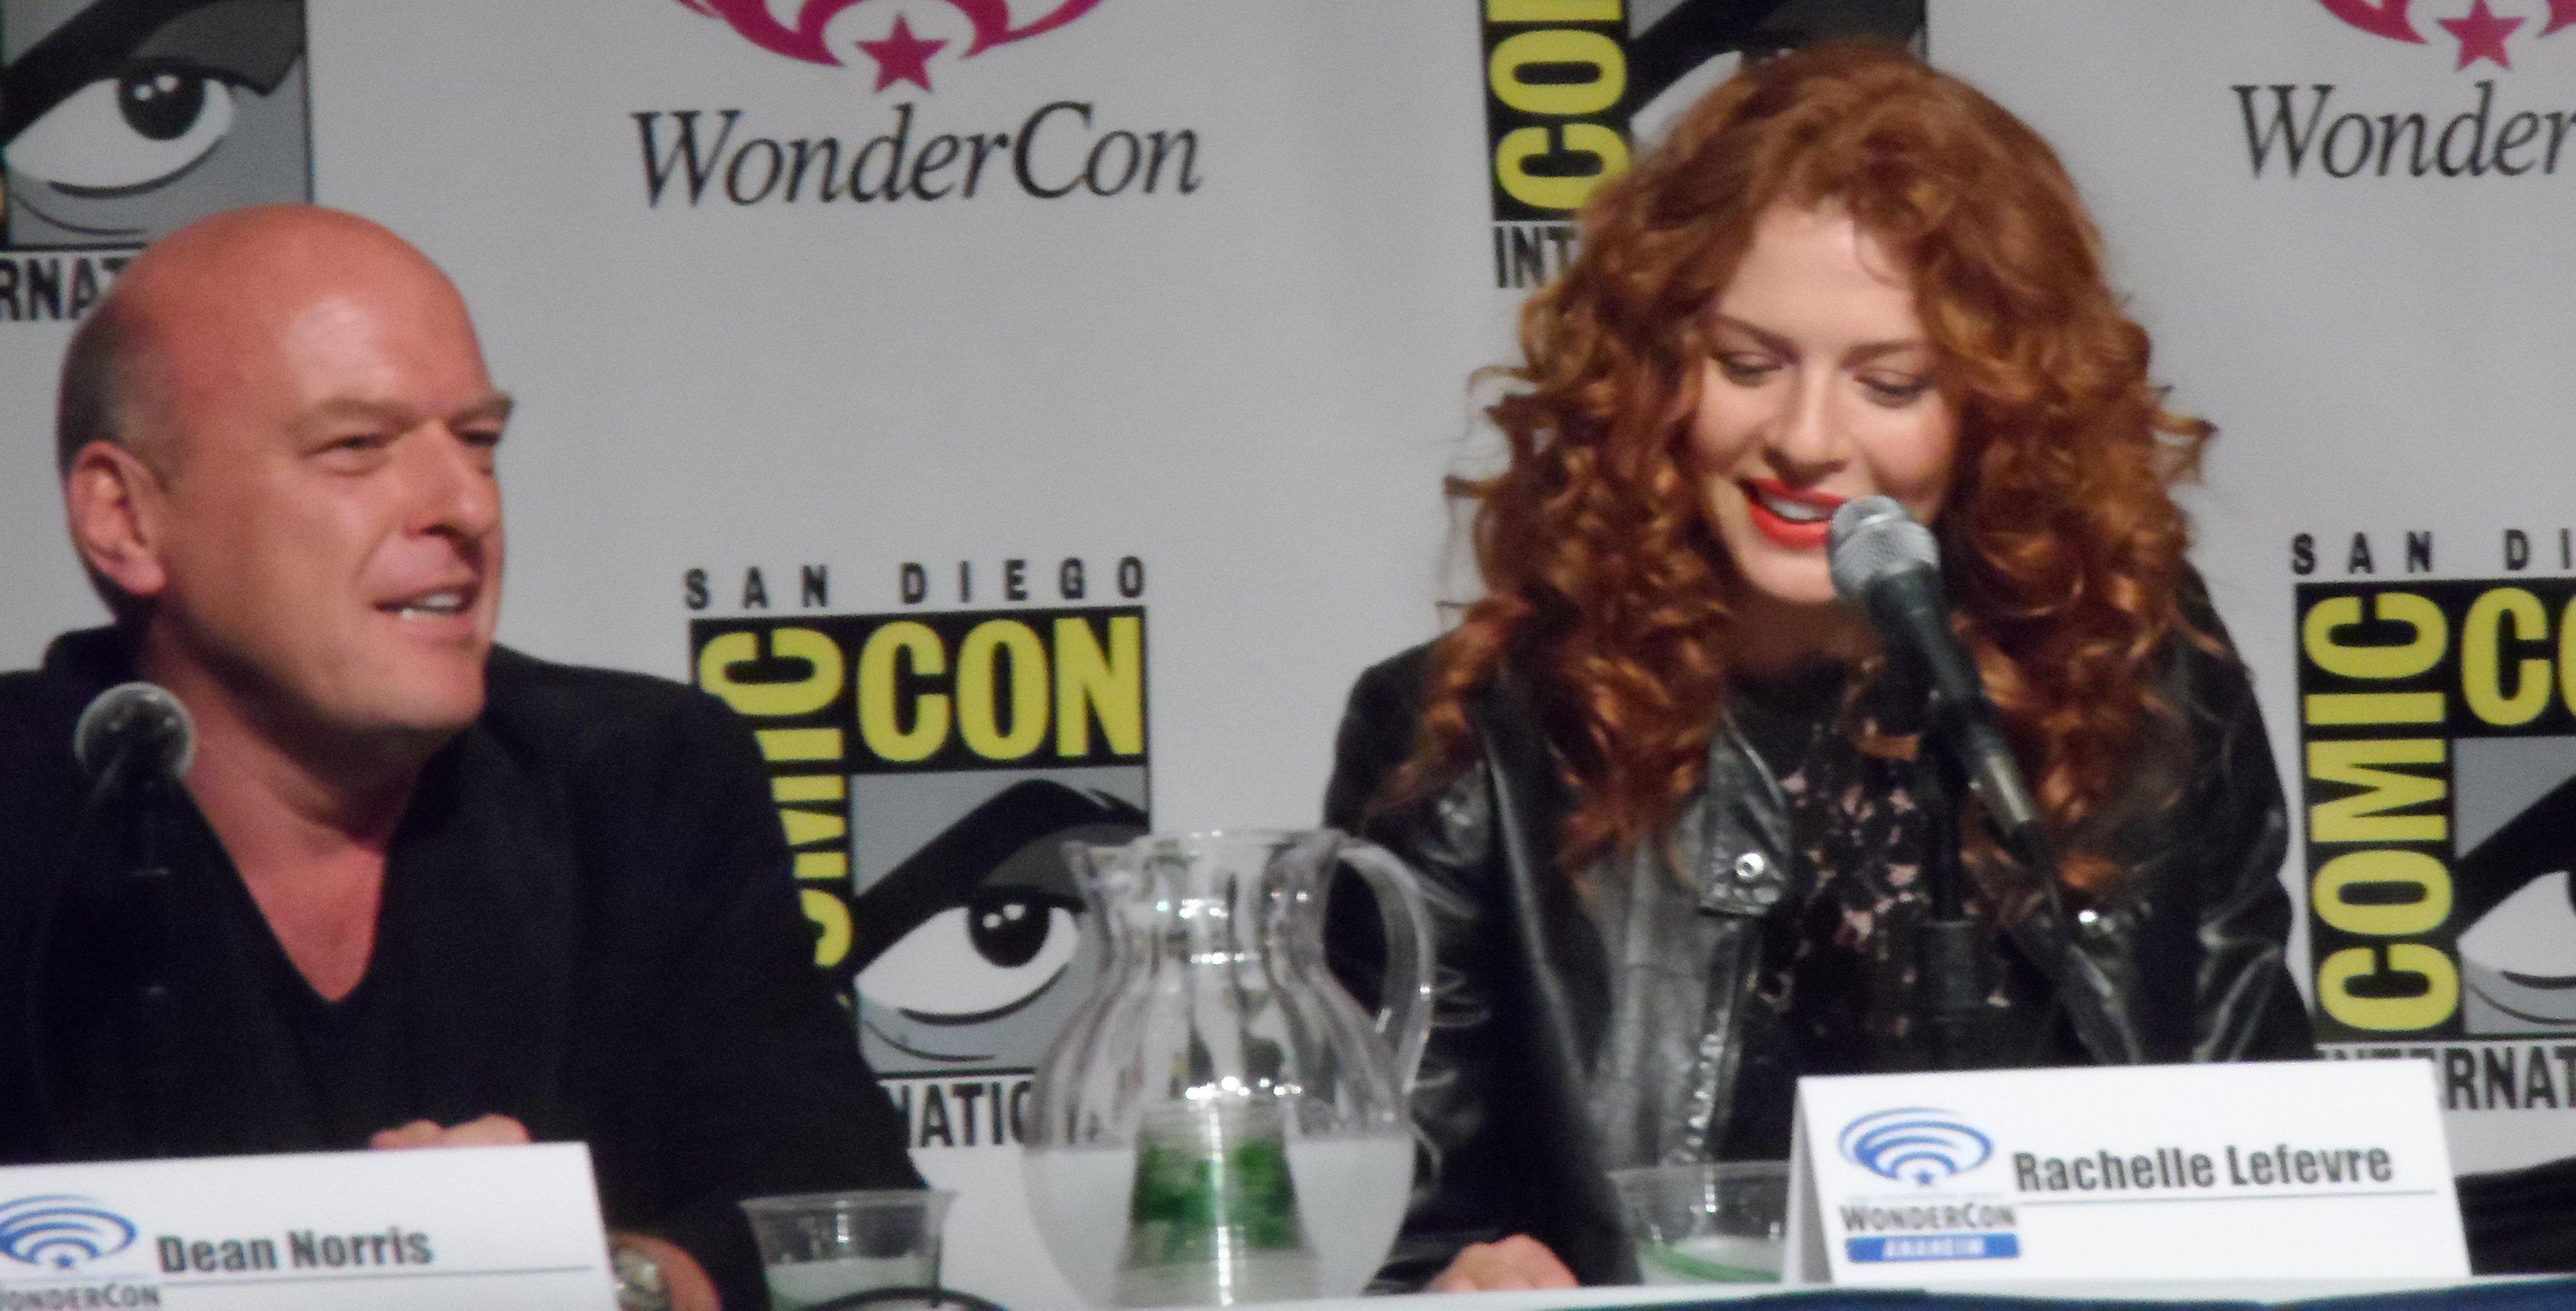 Wondercon, Under the Dome, Dean Norris, Rachelle Lefevre